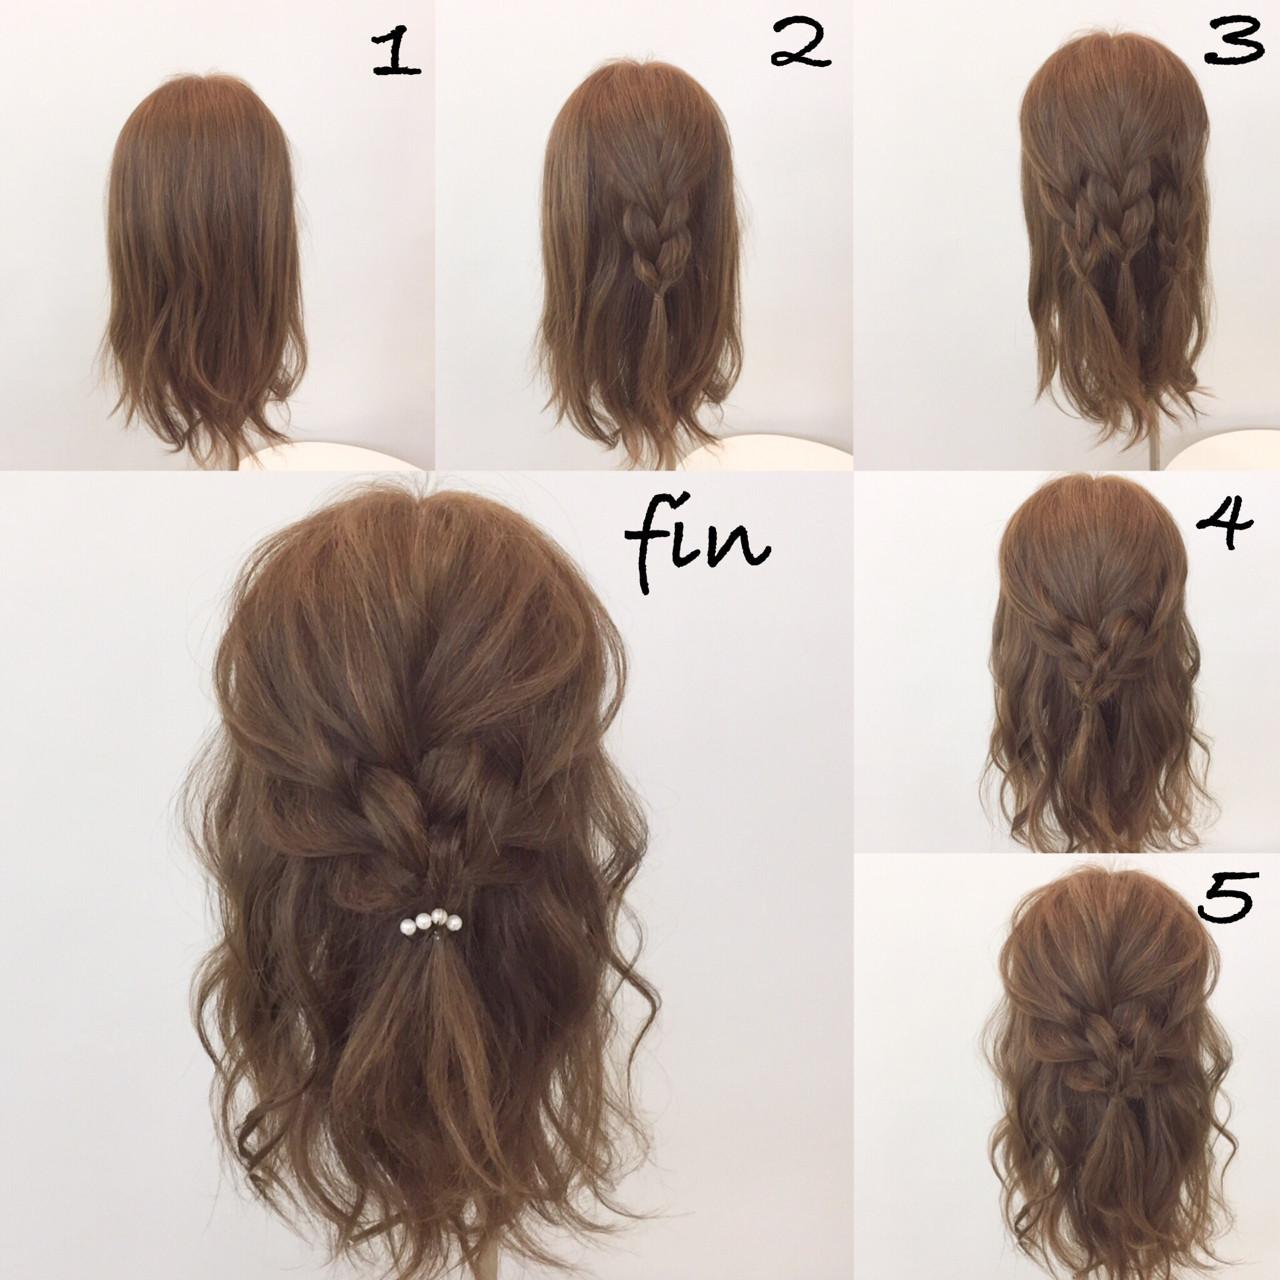 ヘアアレンジ ショート 大人女子 ミディアム ヘアスタイルや髪型の写真・画像